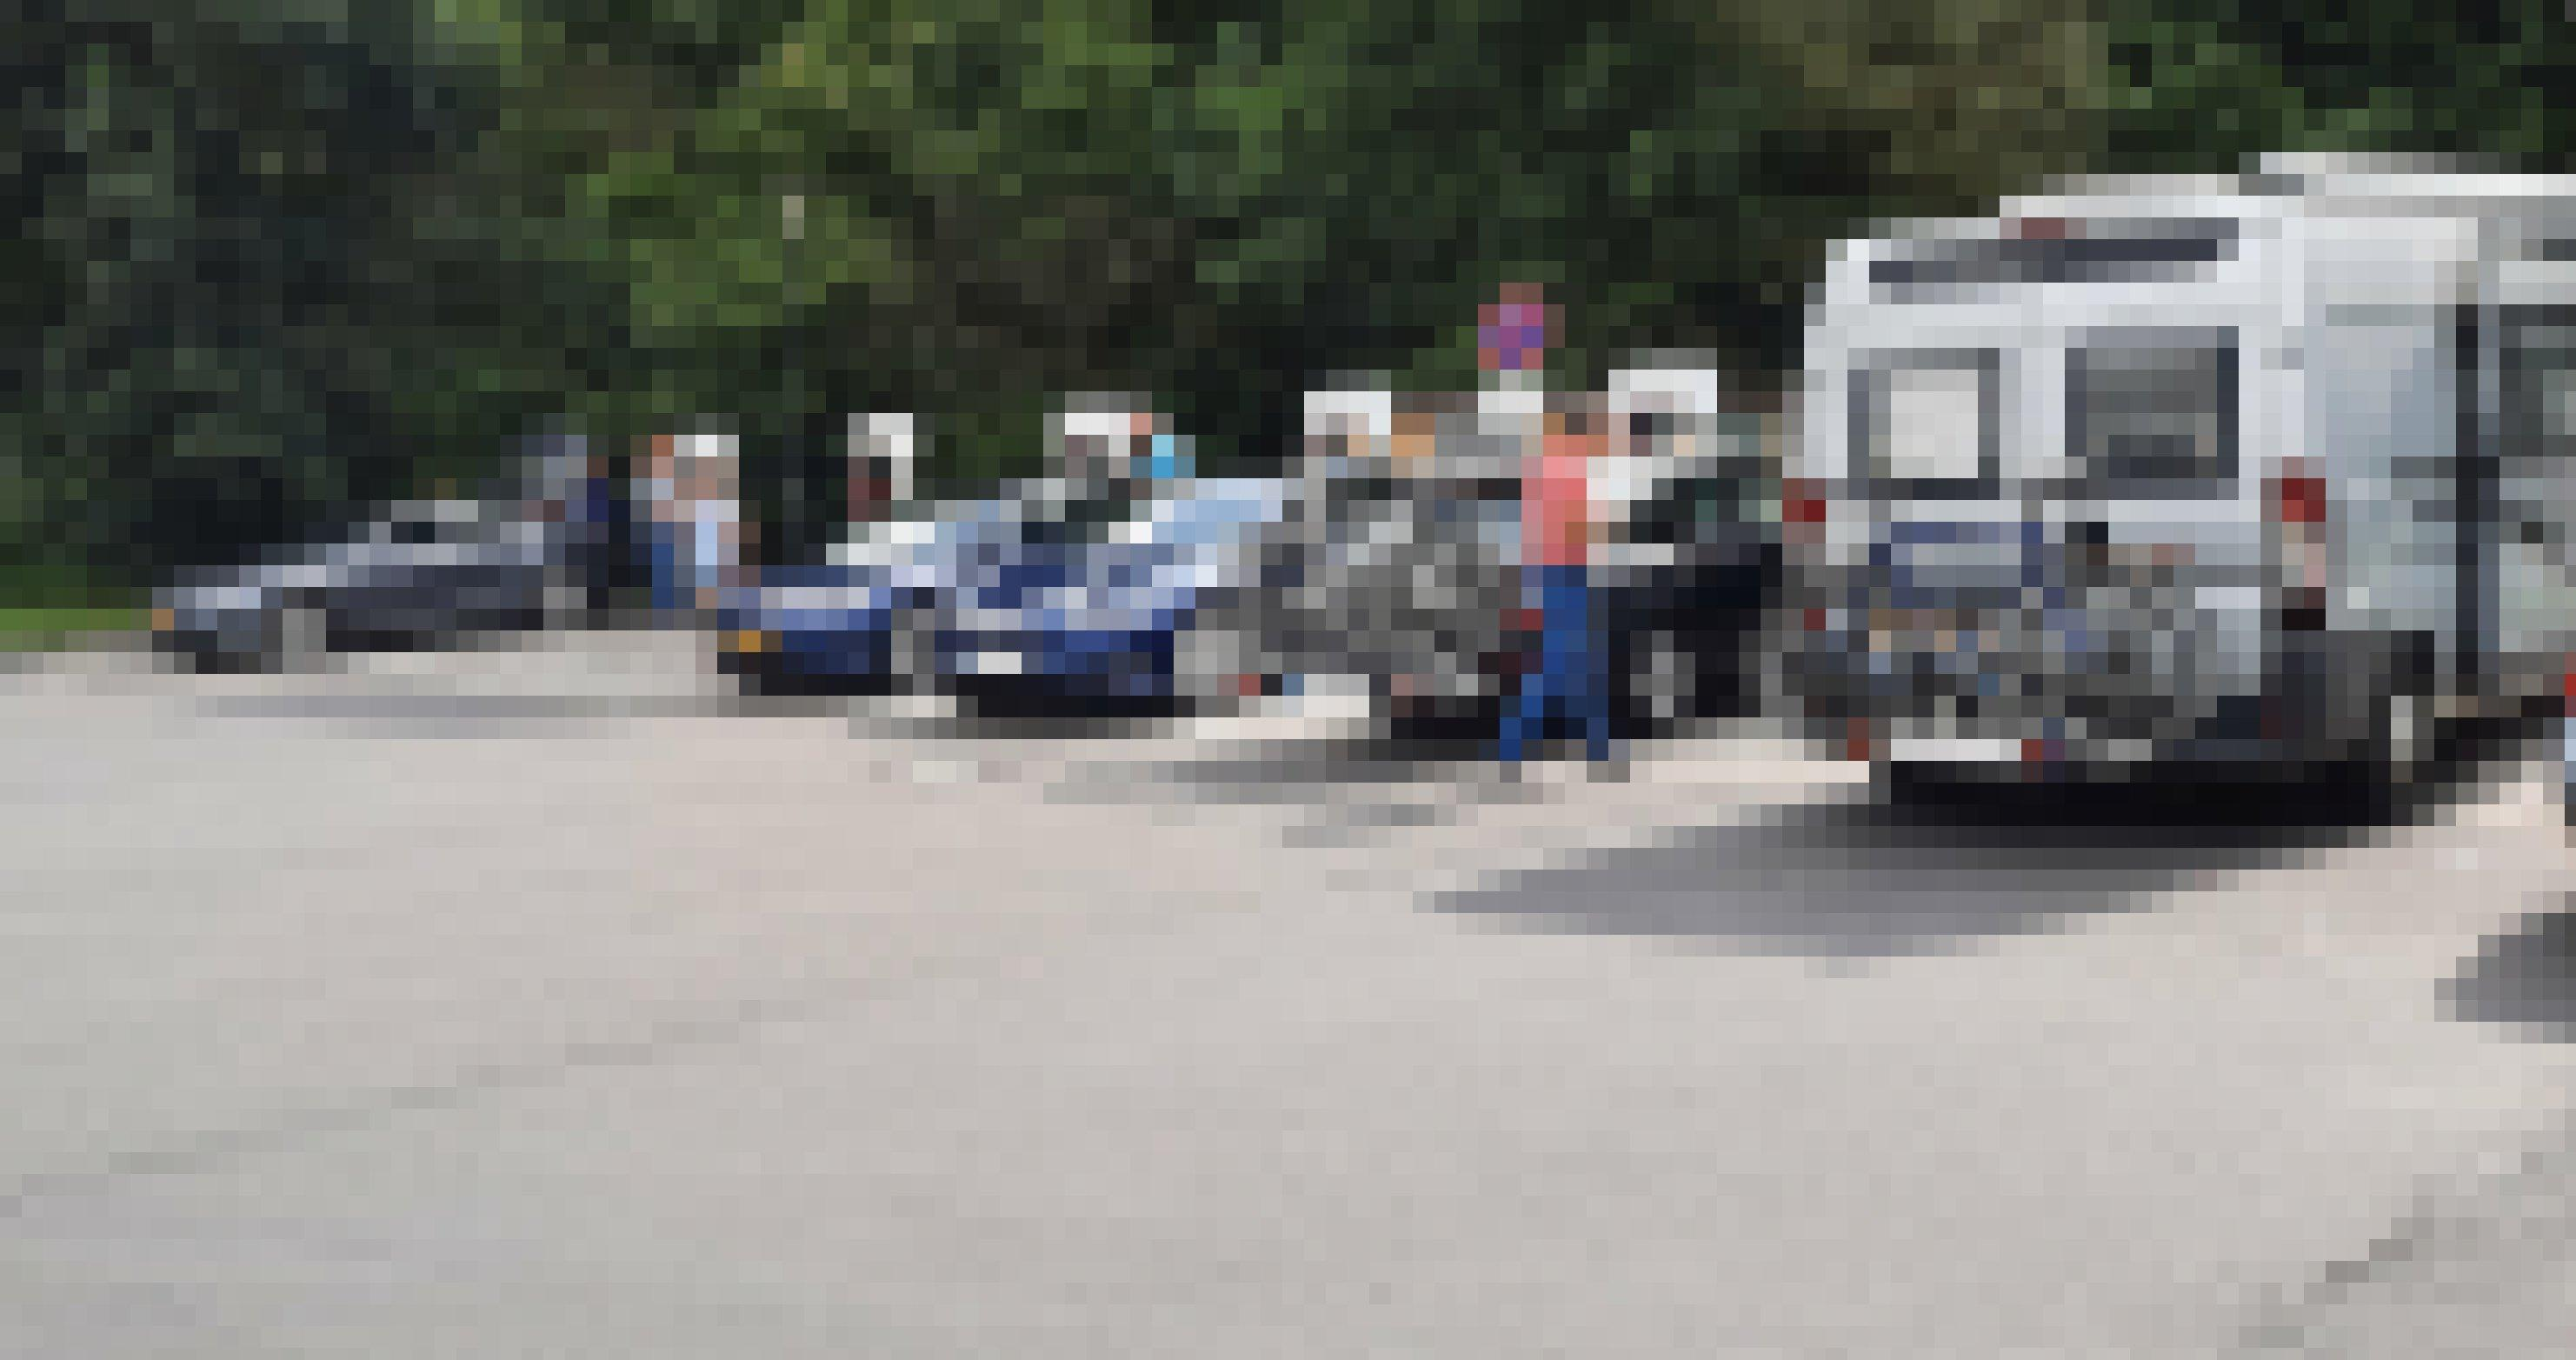 Elektroautos laden auf einem Parkplatz ihre Akkus auf.